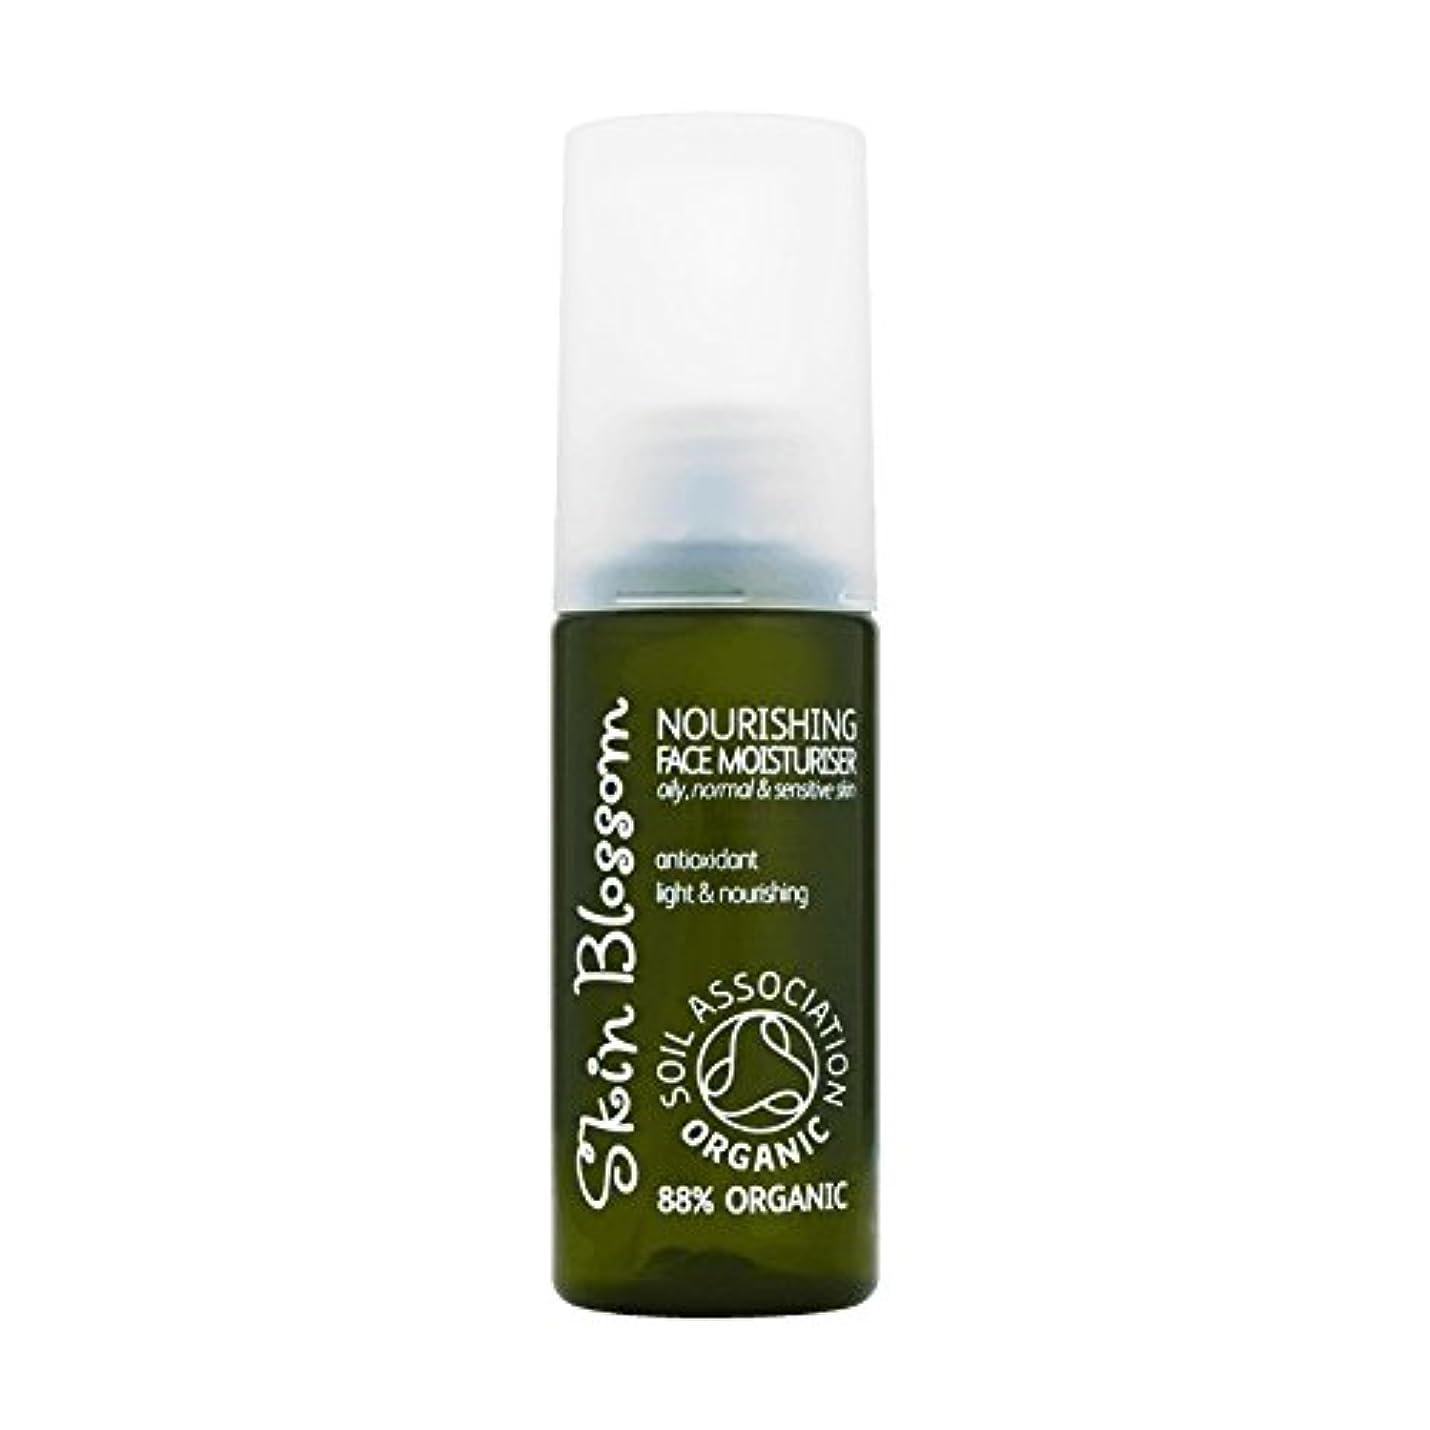 誠意到着する意気消沈したSkin Blossom Nourishing Face Moisturiser 50ml (Pack of 2) - 皮膚の花栄養顔の保湿クリーム50Ml (x2) [並行輸入品]